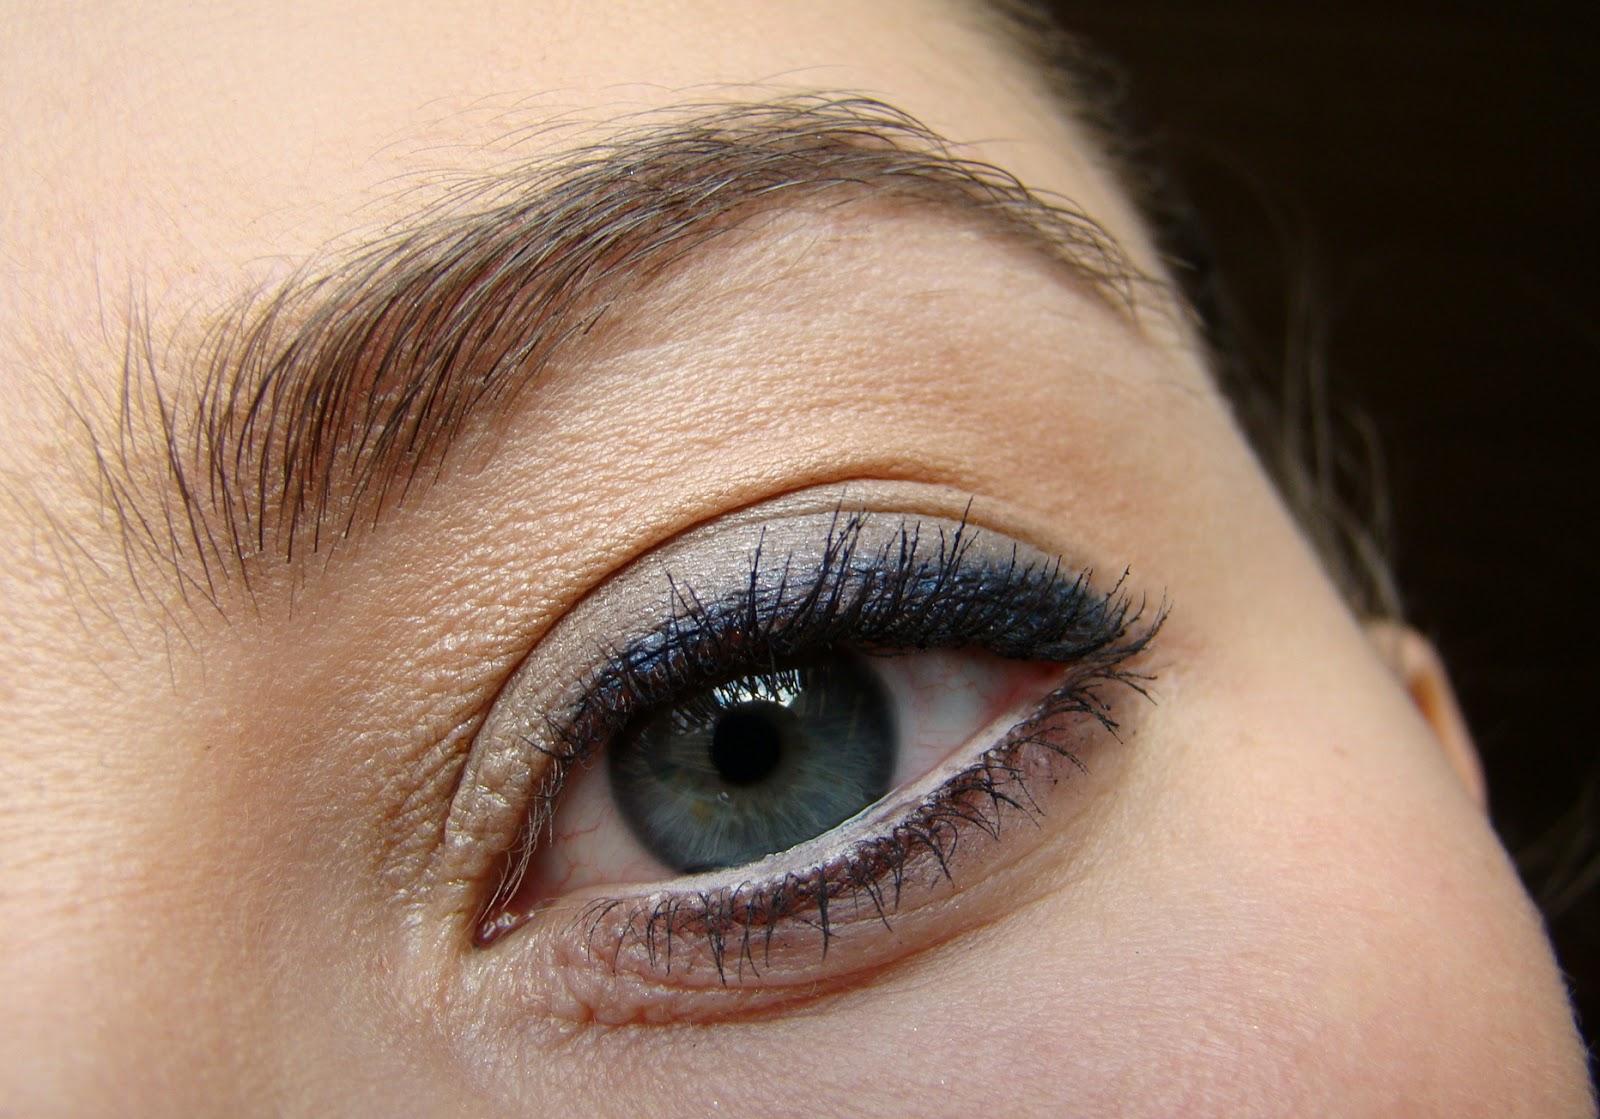 Künstlerisch Augen Make Up Schritt Für Schritt Sammlung Von Kennt Ihr Tipps Und Tricks Wie Ihr